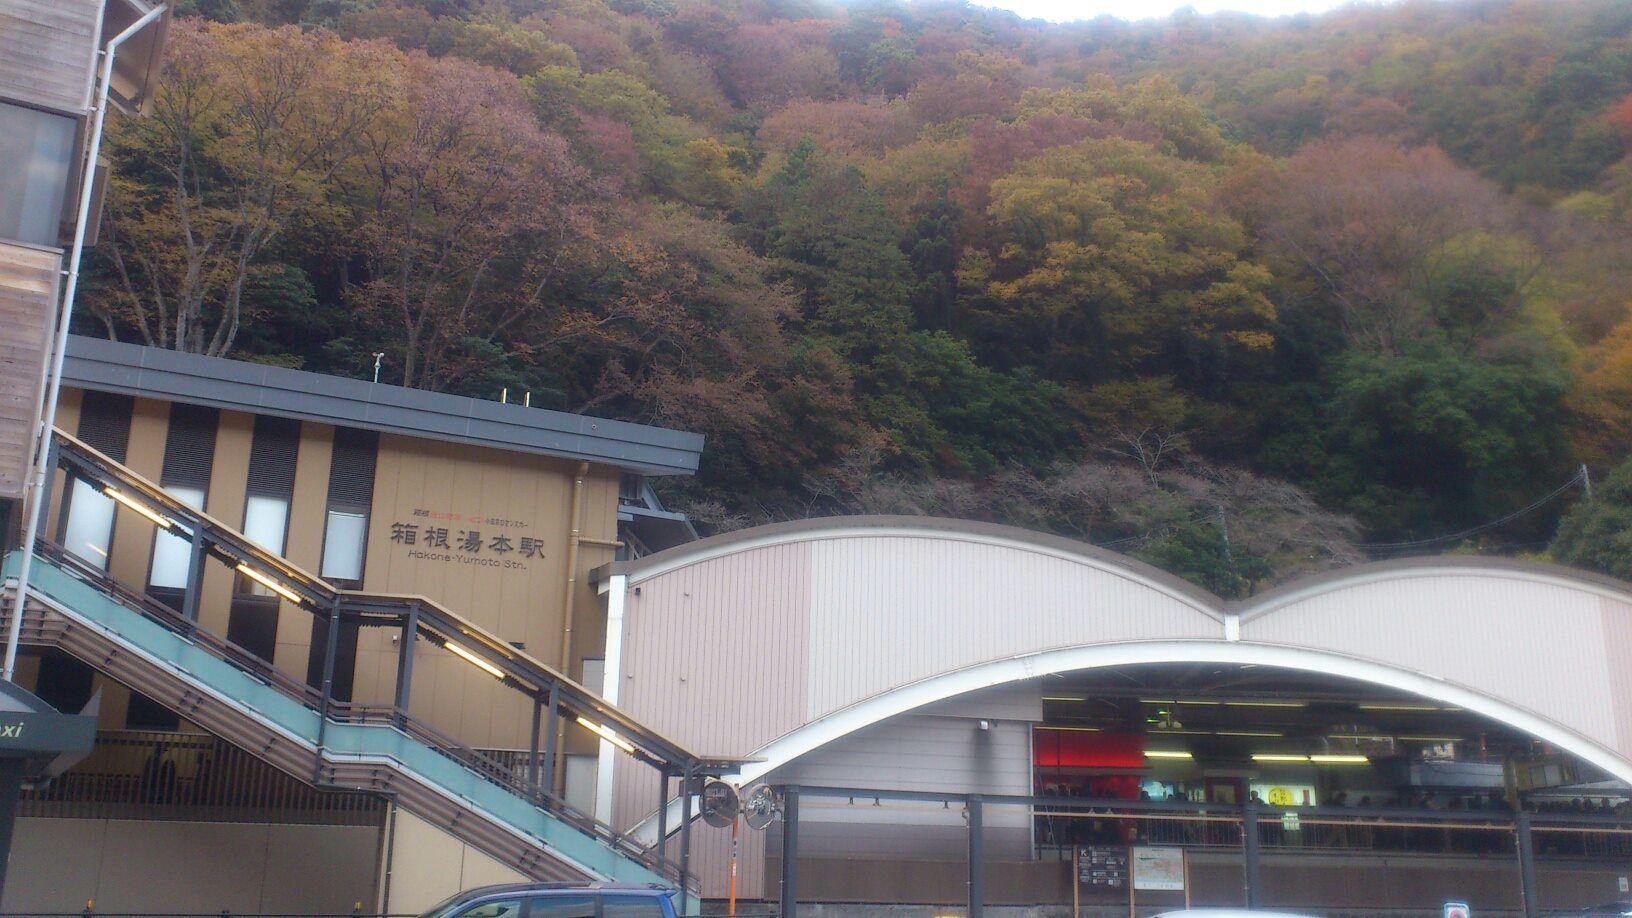 京都 紅葉 箱根 混雑